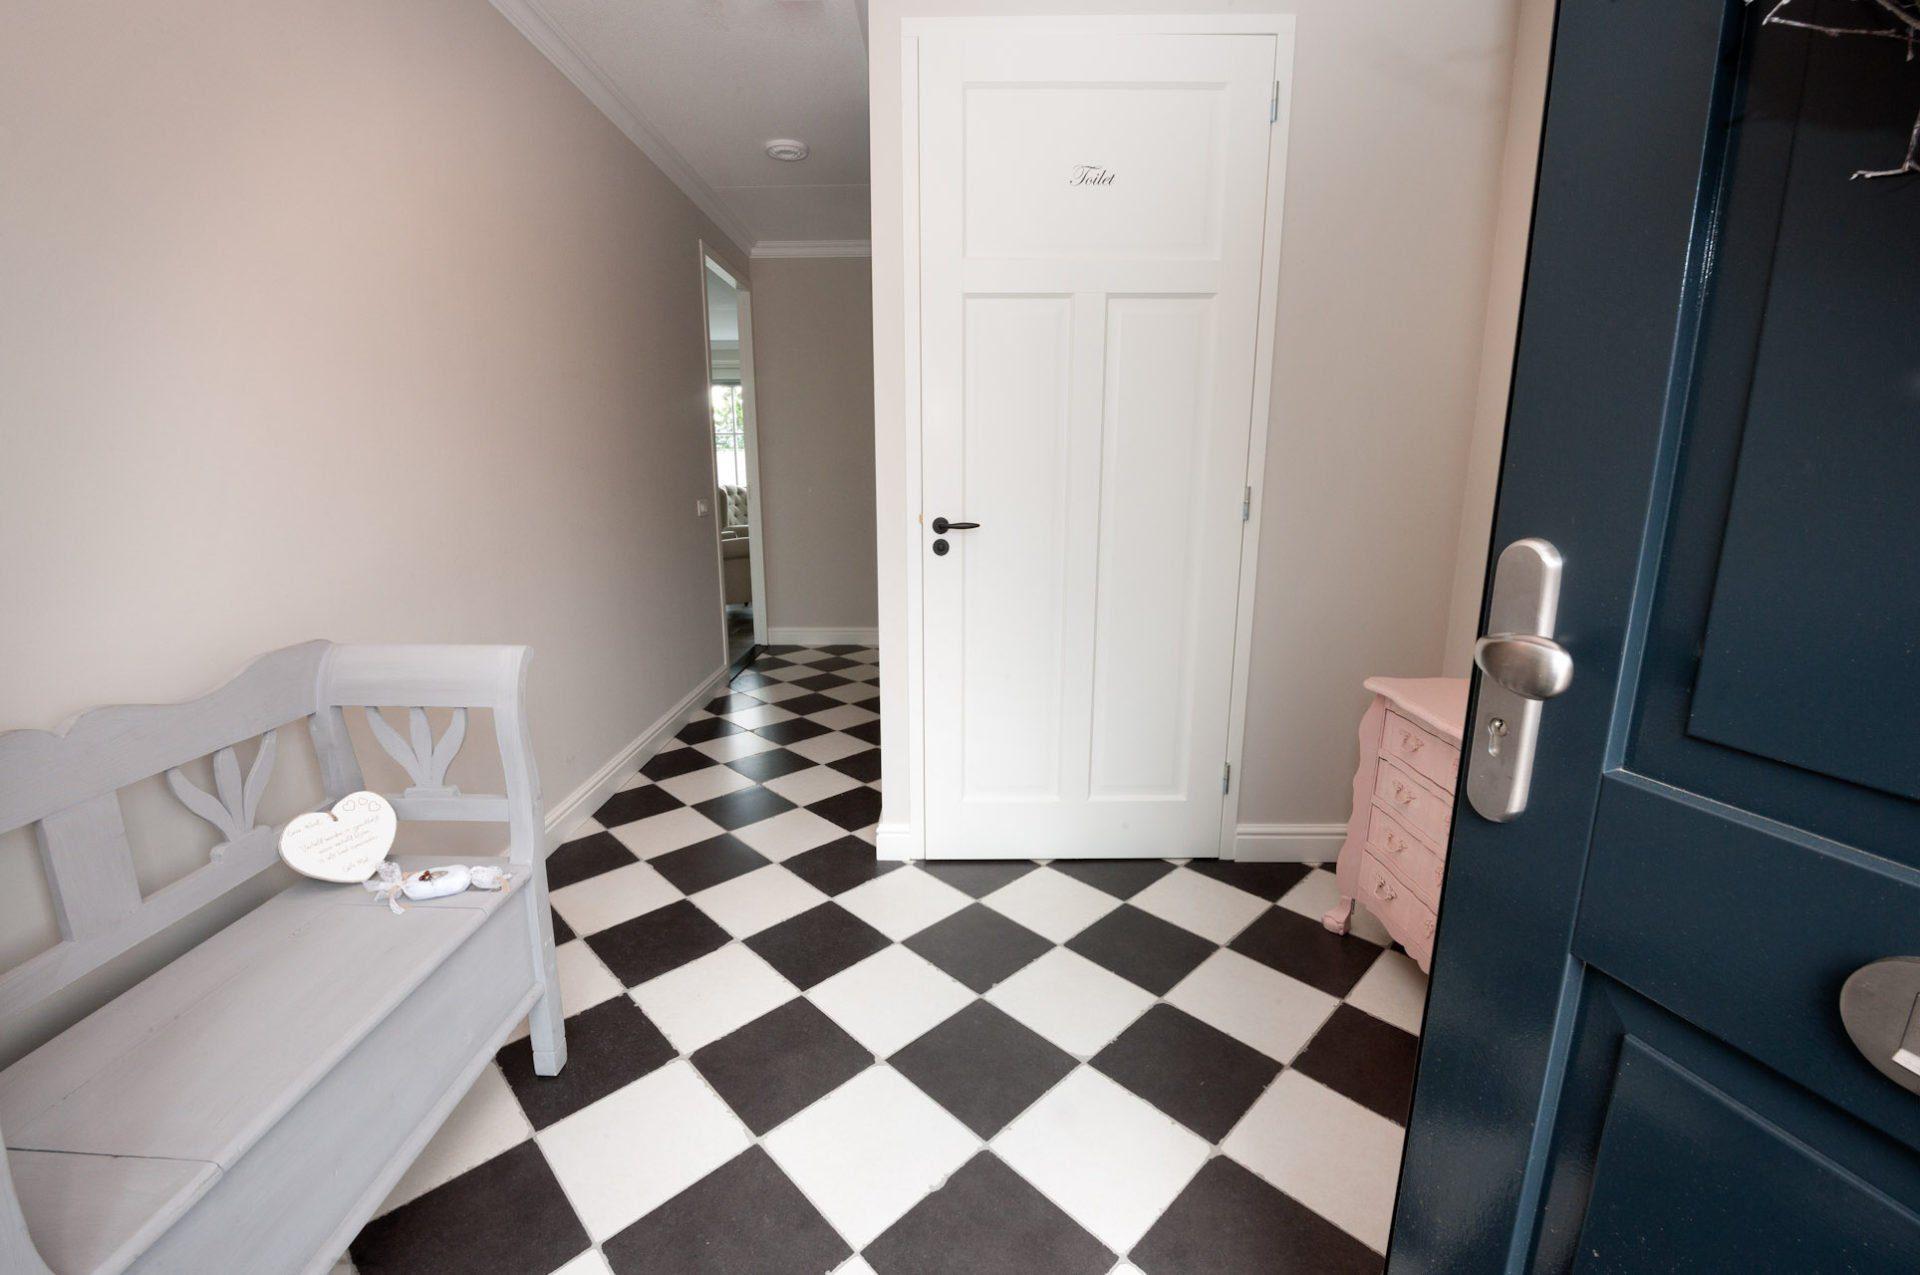 Extreem Houtlook tegels in woonkamer, zwart/wit geblokte vloer in hal &QP91